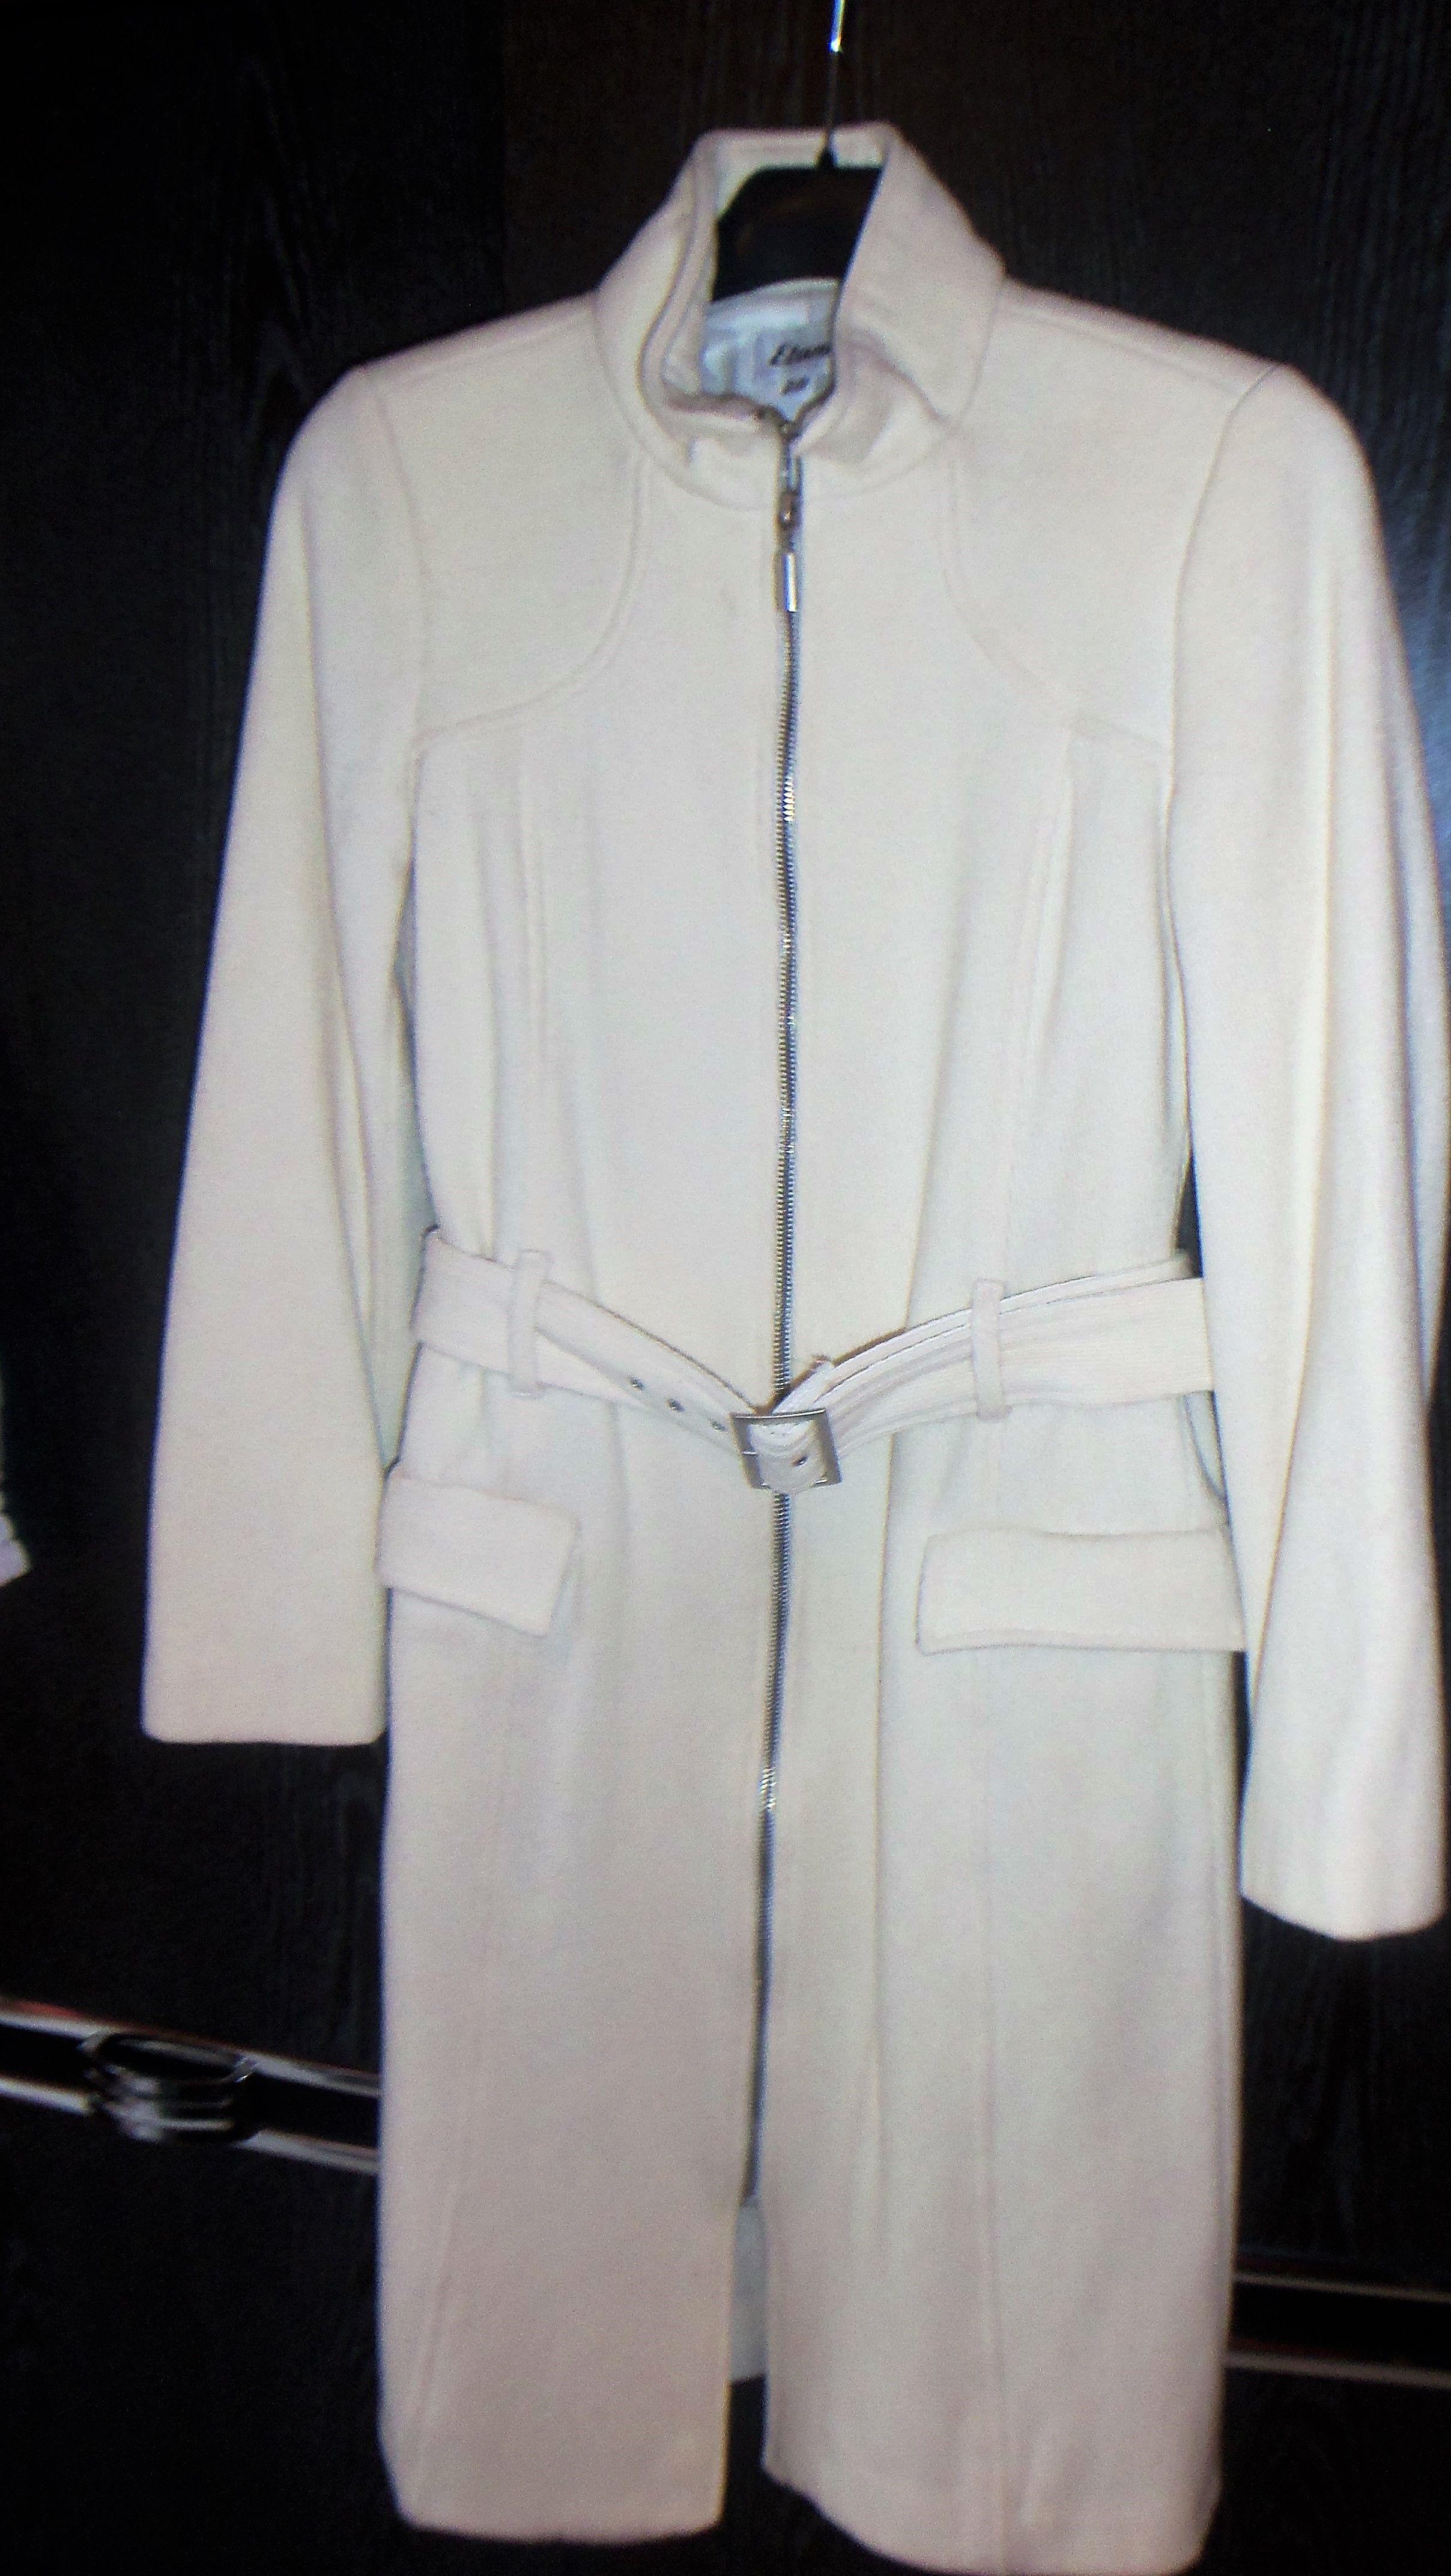 achat femme annonces 89 et l' vente Manteaux occasion dans Yonne n4RgqTRpw